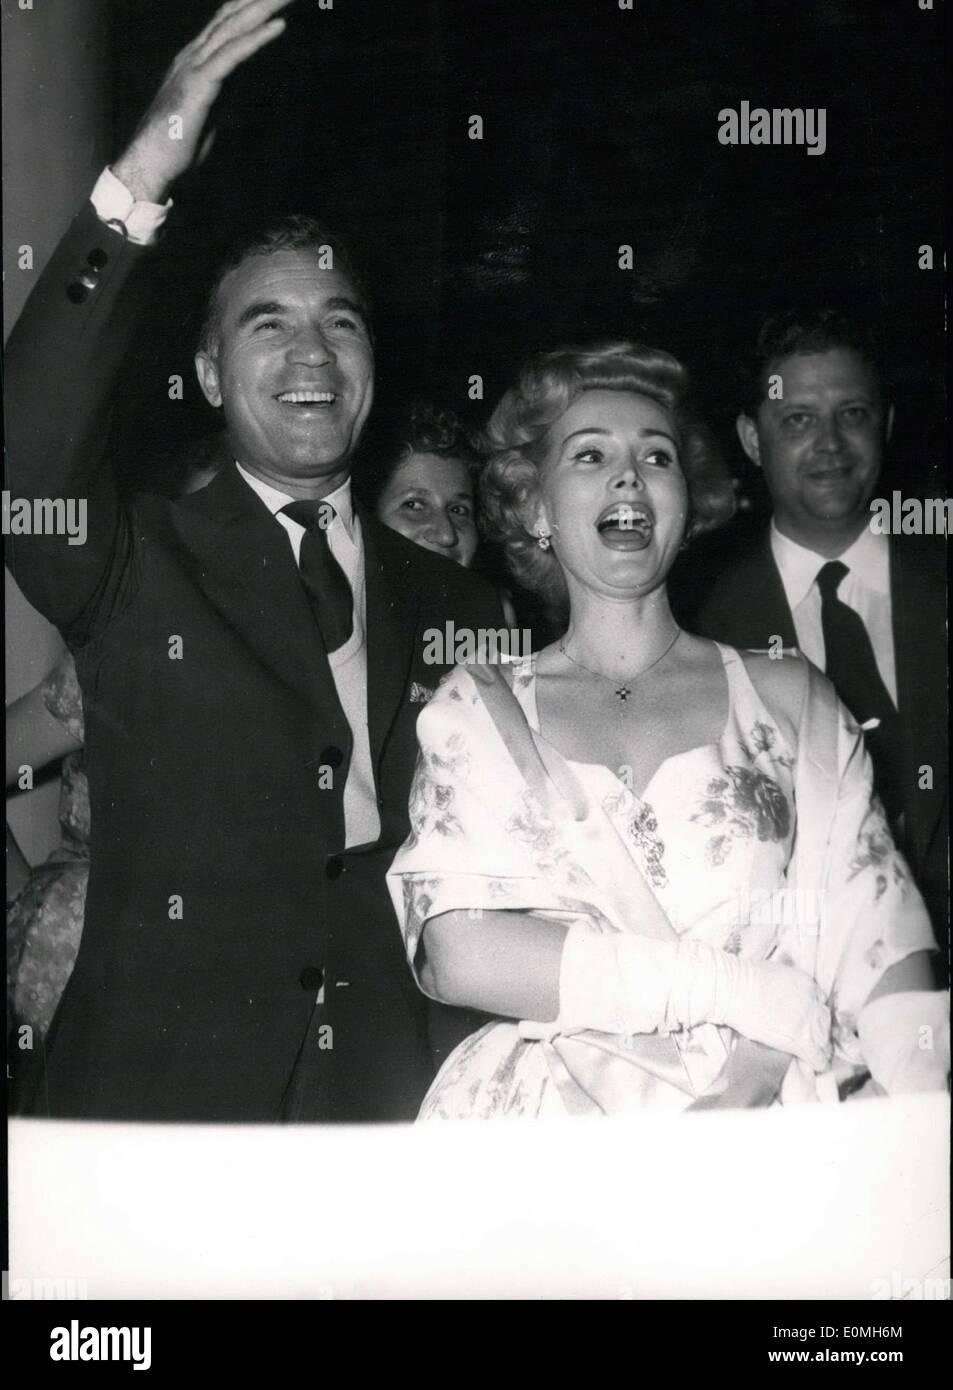 Mayo 09, 1955 - Festival de Cine de Cannes. Zsa Zsa Gabor y Porfirio Rubiroso llegan a la fiesta ofrecida por la delegación estadounidense a los Embajadores'. El Festival de Cannes. Imagen De Stock